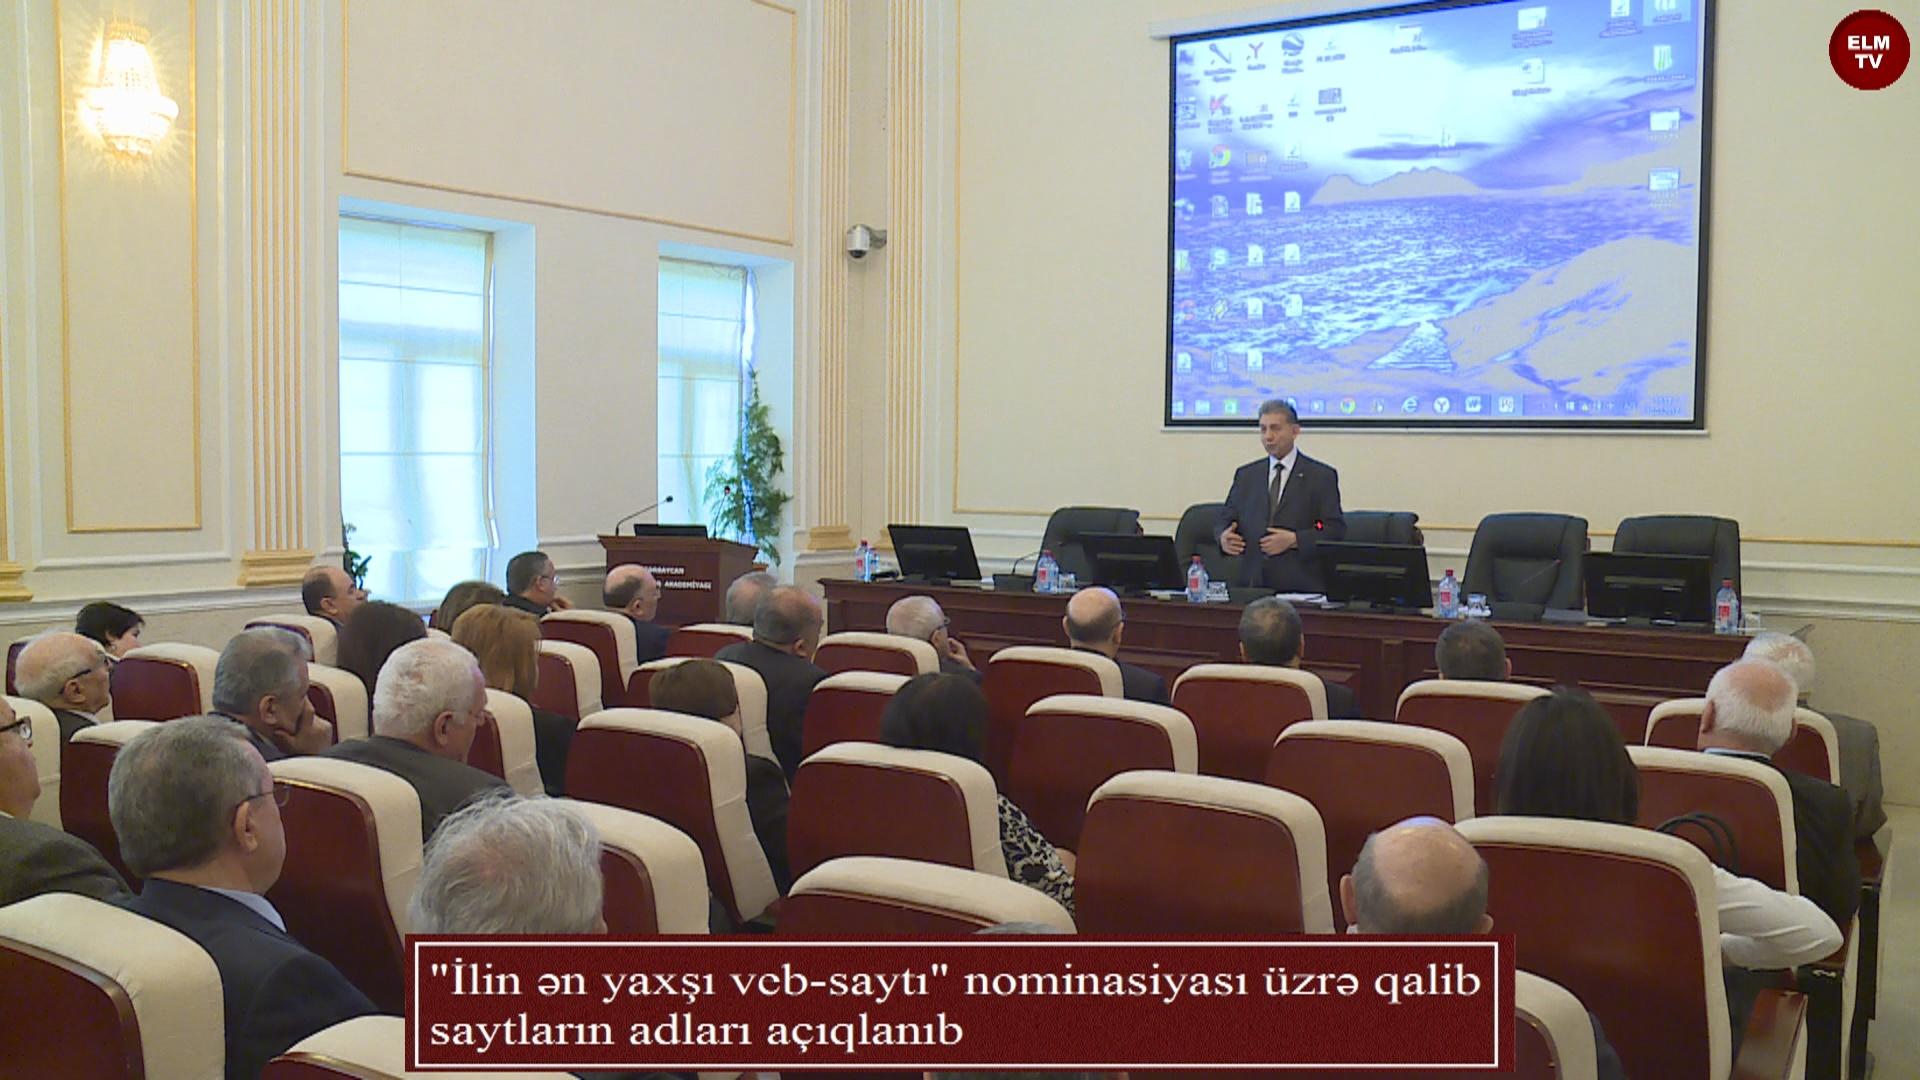 """""""İlin ən yaxşı veb-saytı"""" nominasiyası üzrə qalib saytların adları açıqlanıb"""